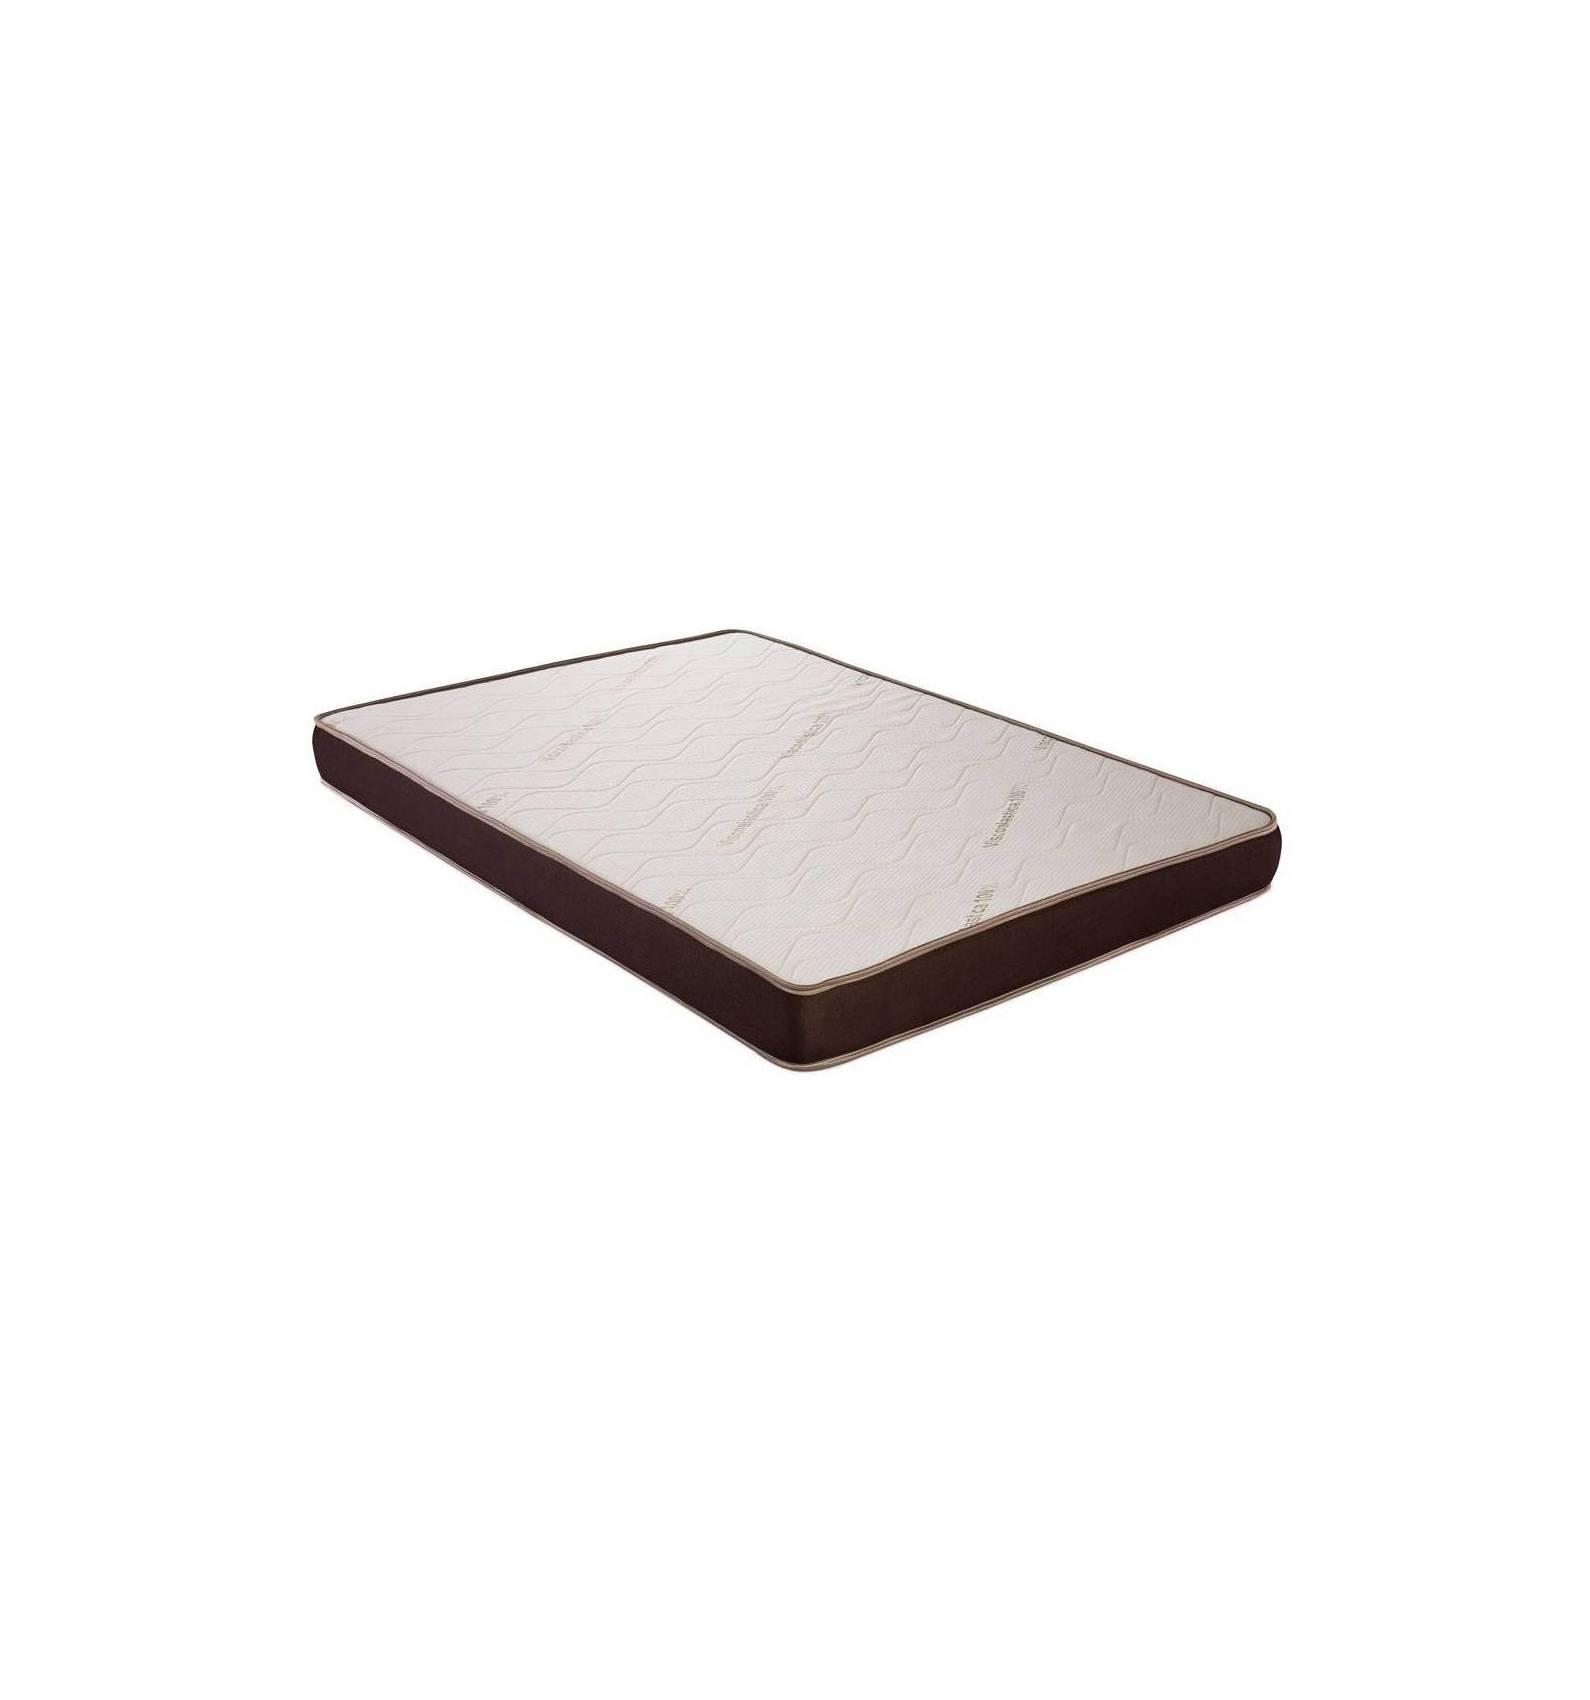 Colchón Respit Visco Air, viscolastica ---90/190--60€ 135/190---80€: Productos y Ofertas de Don Electrodomésticos Tienda online